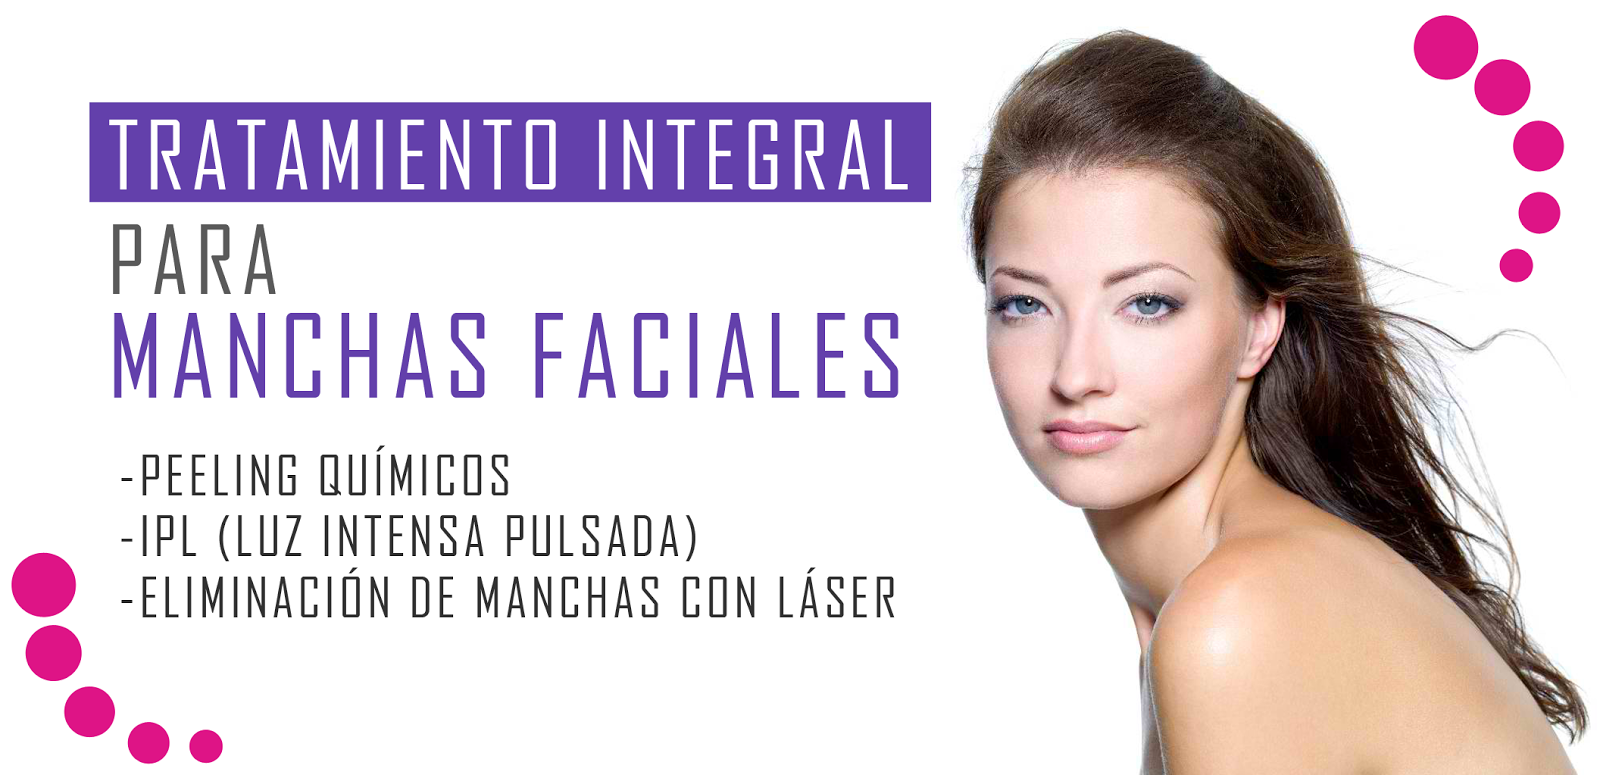 Productos faciales sensibles para la piel